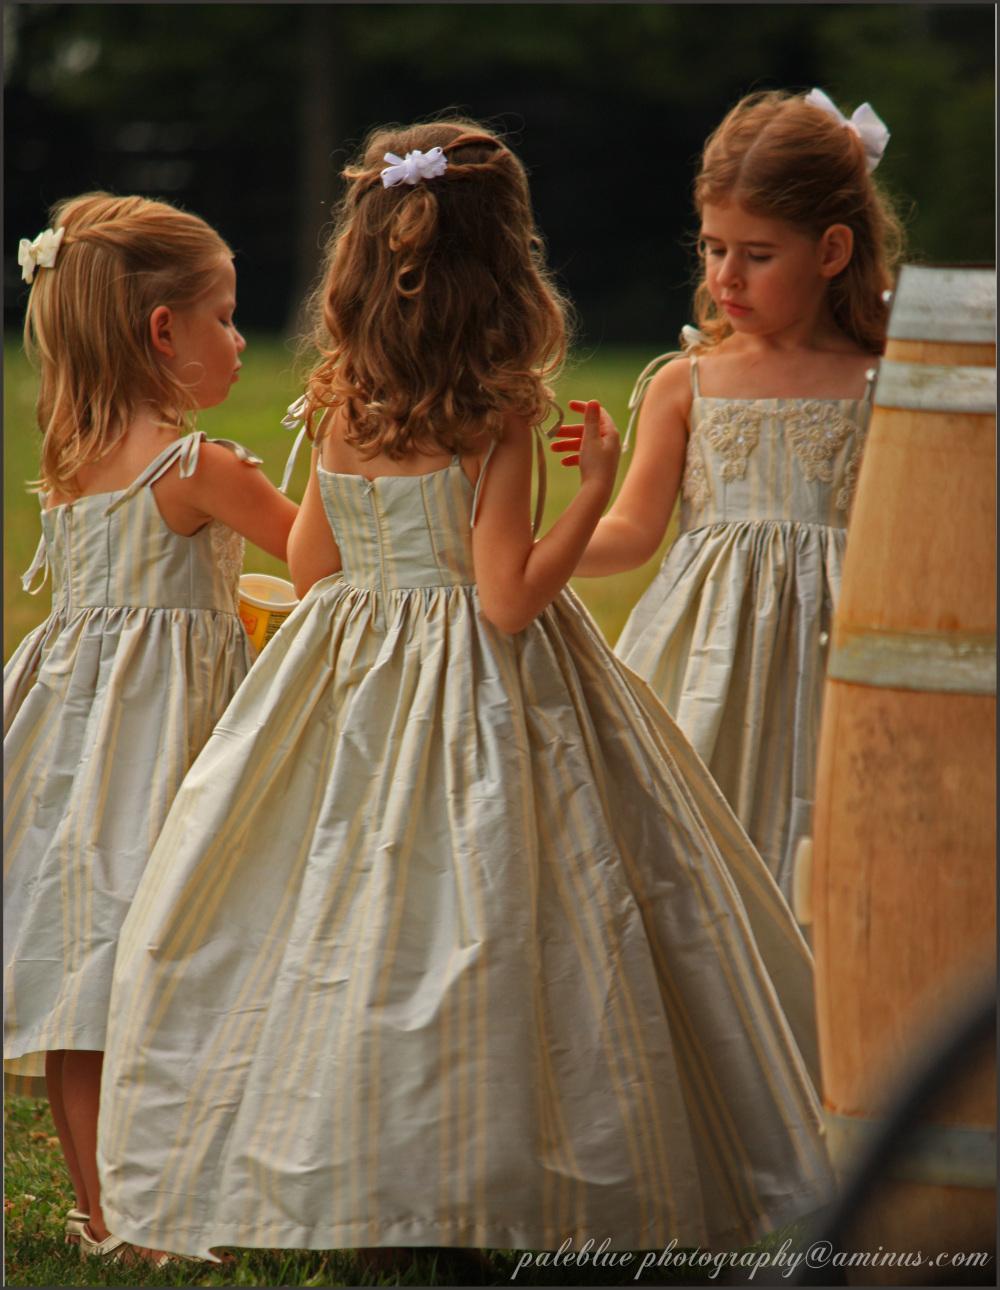 Little Girls in Dresses